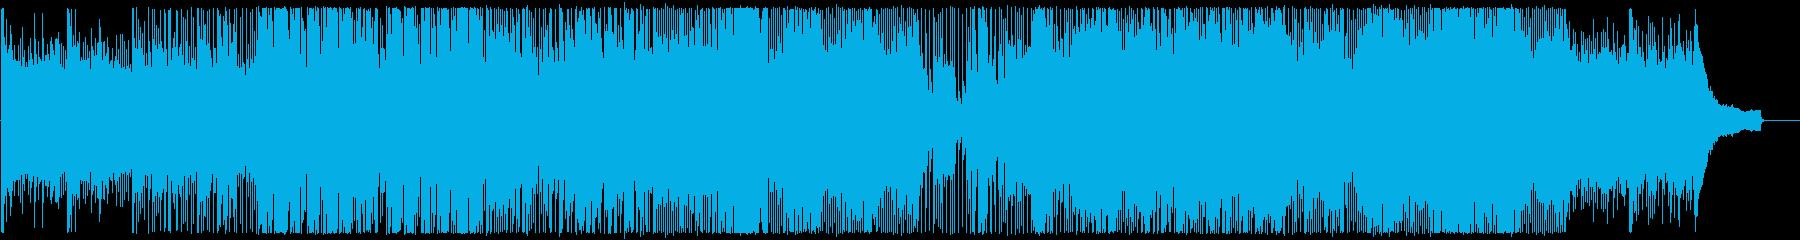 明るくハッピーなピアノとドラムの曲の再生済みの波形